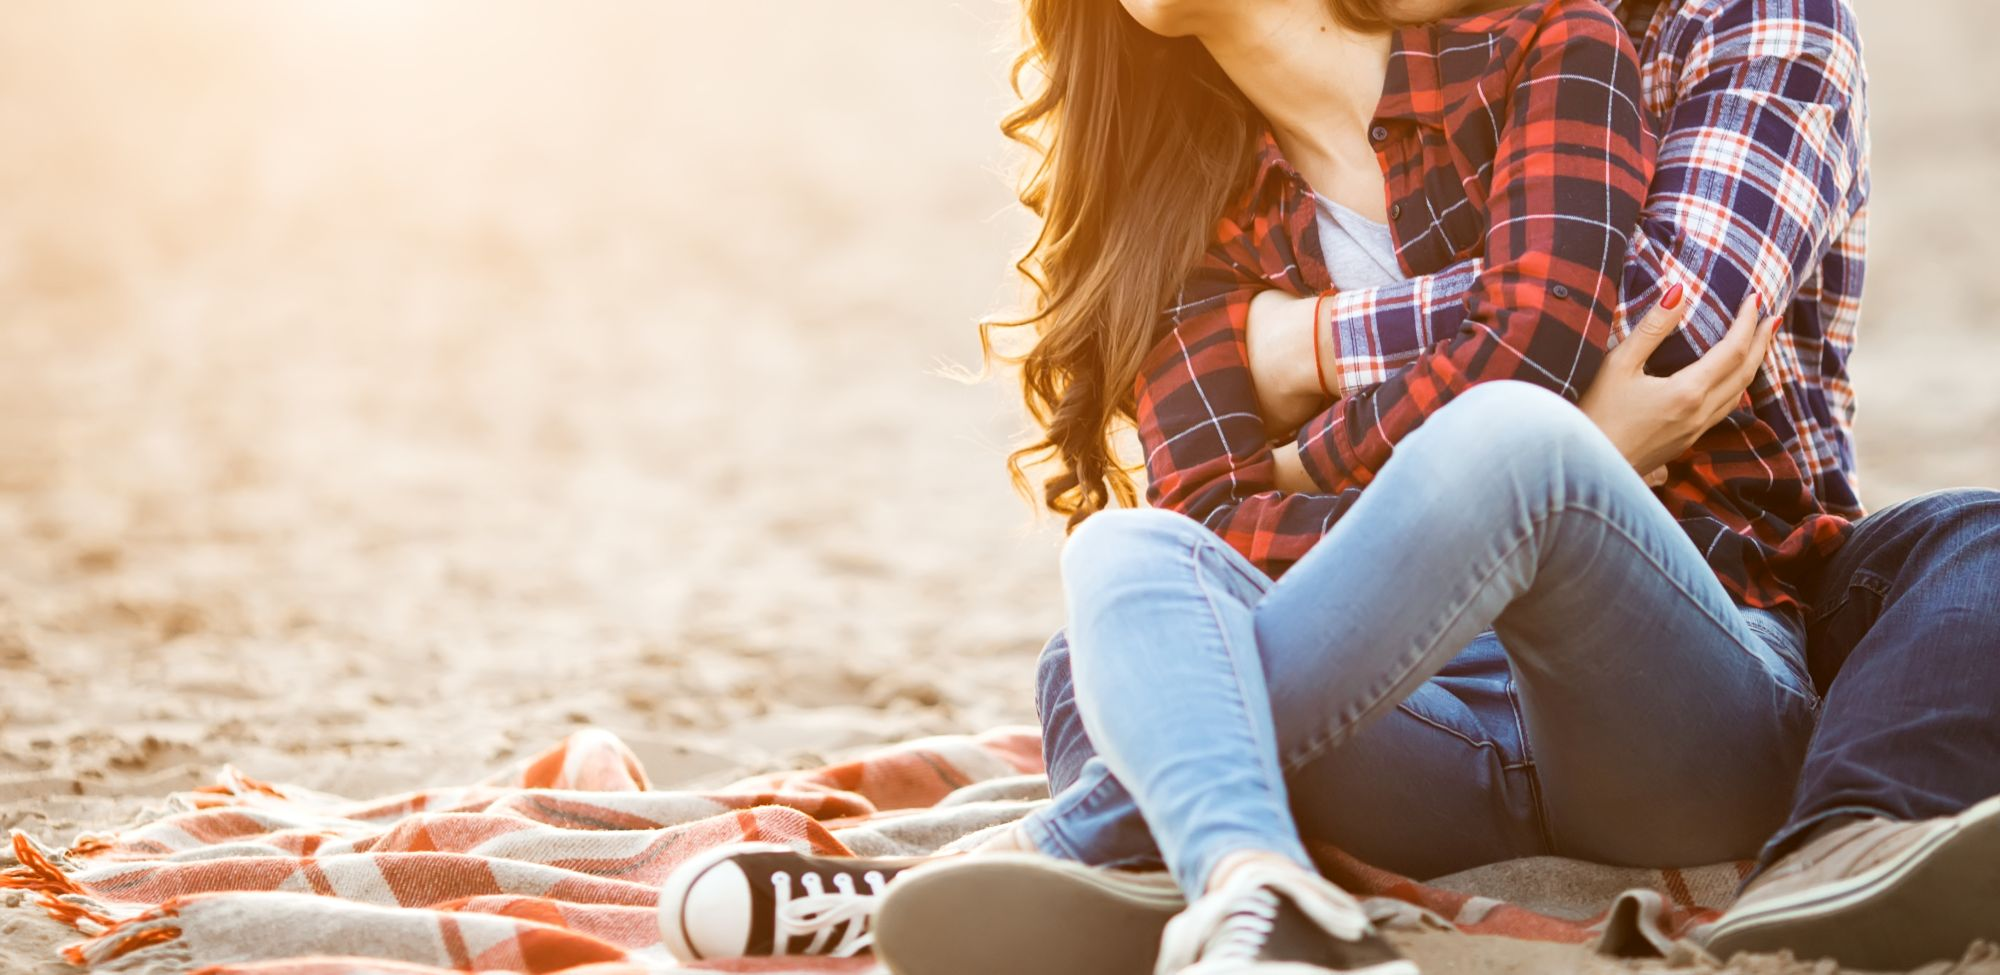 Vor dem ersten Sex: Deshalb ist eine Impfung gegen HPV sinnvoll